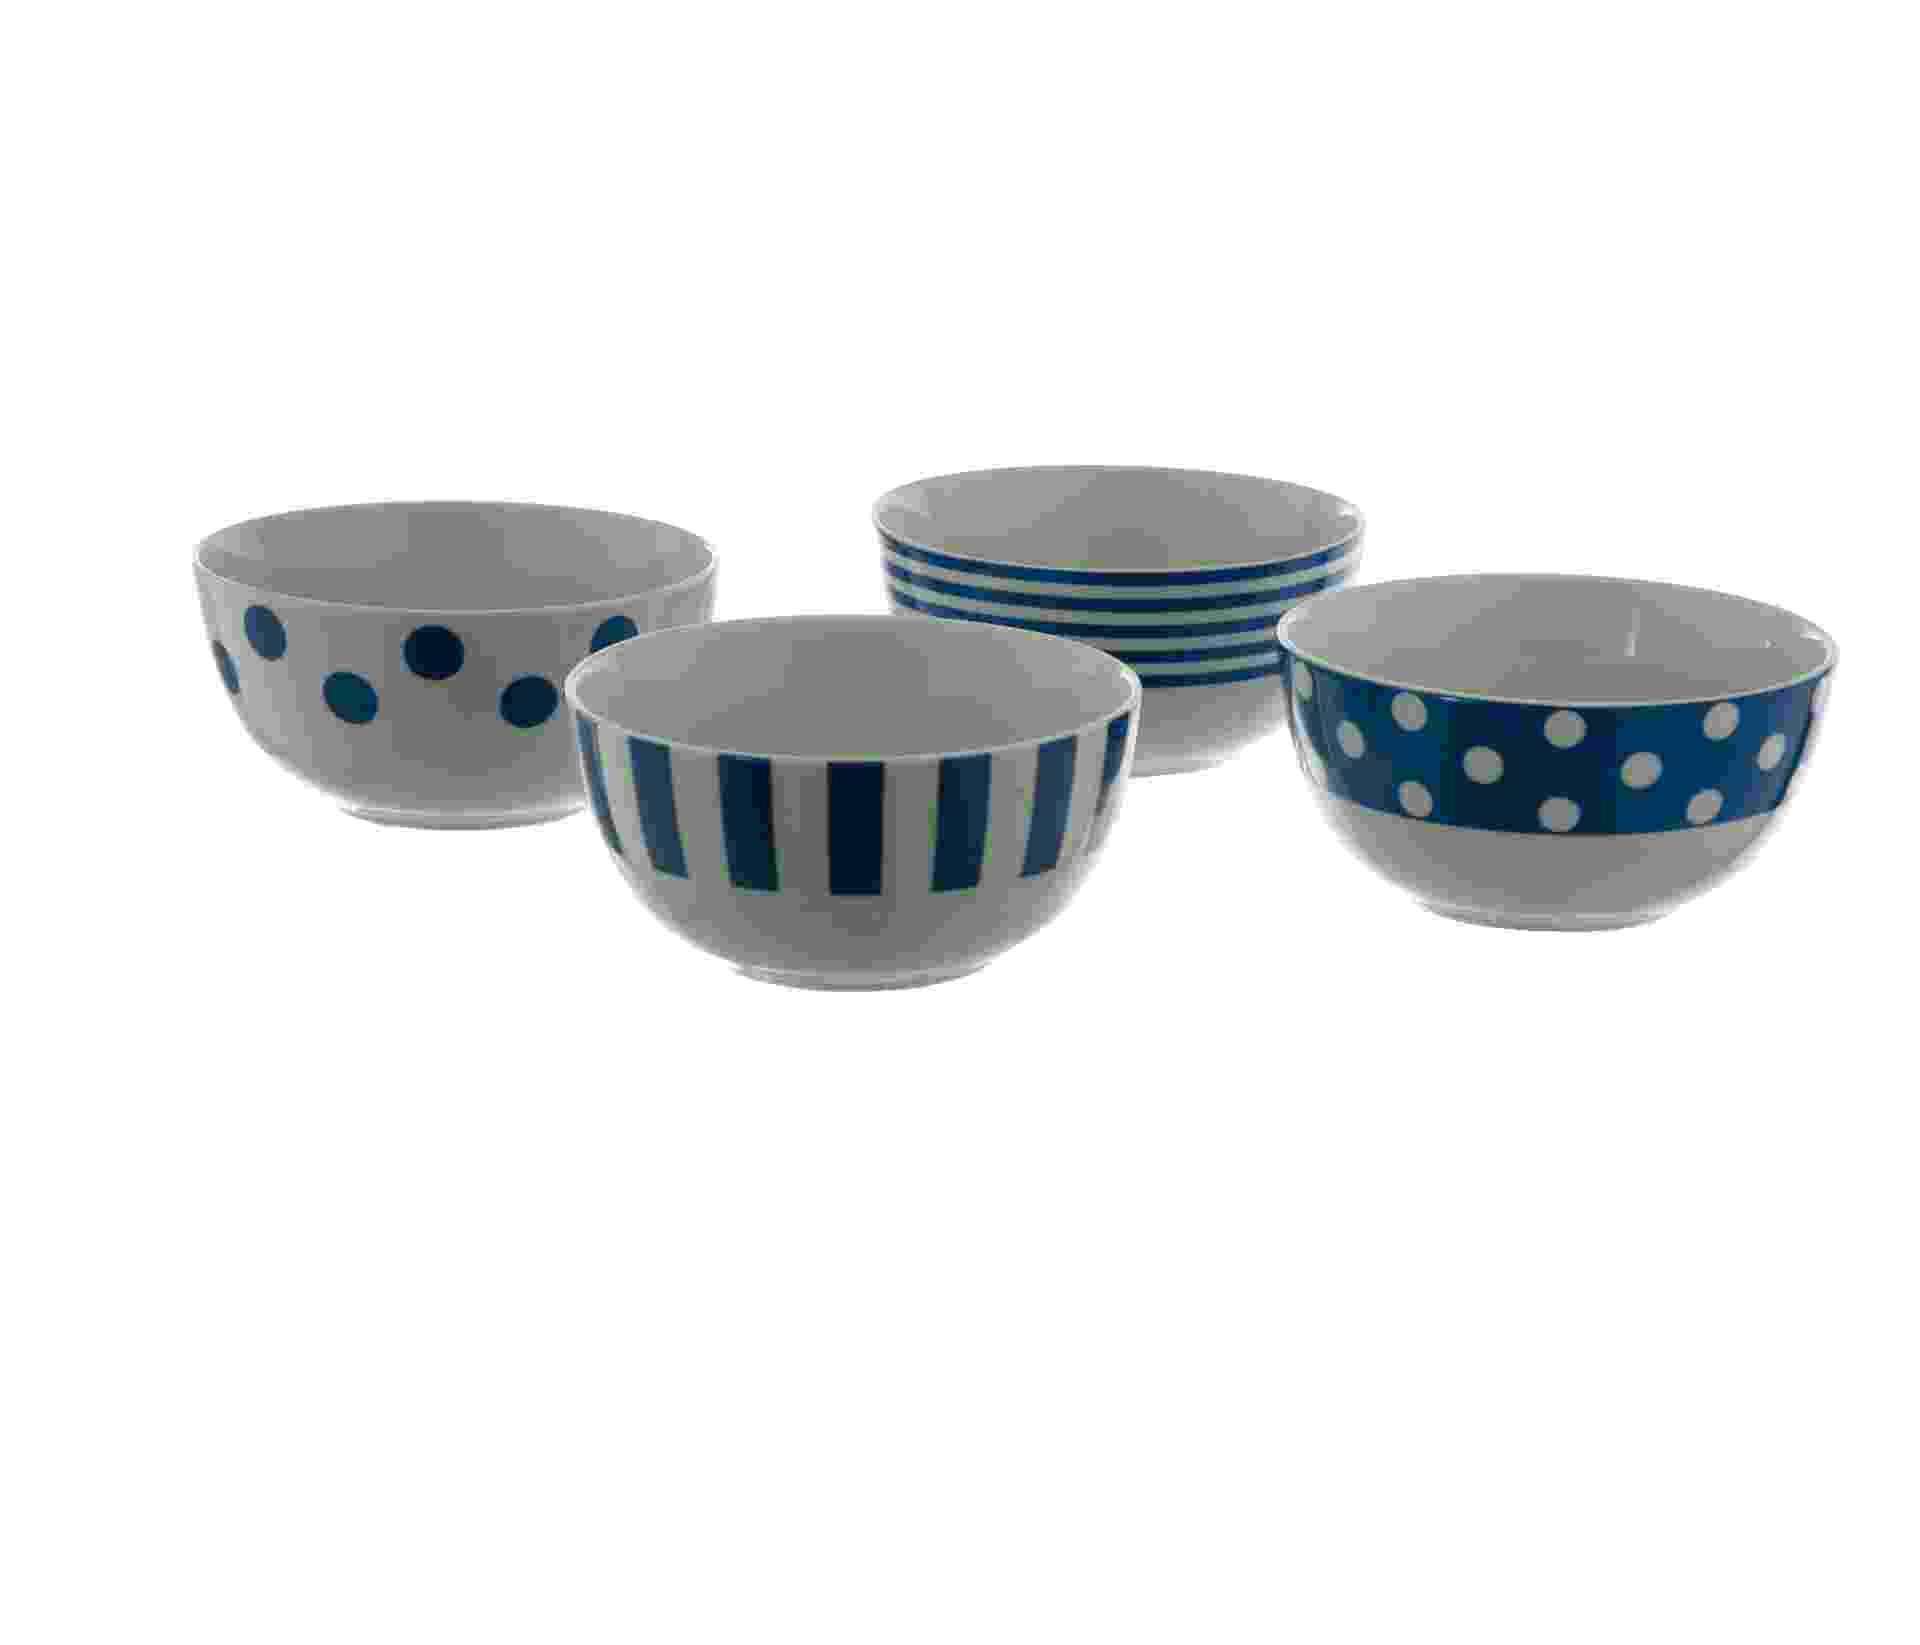 Bowls Etna - Divulgação